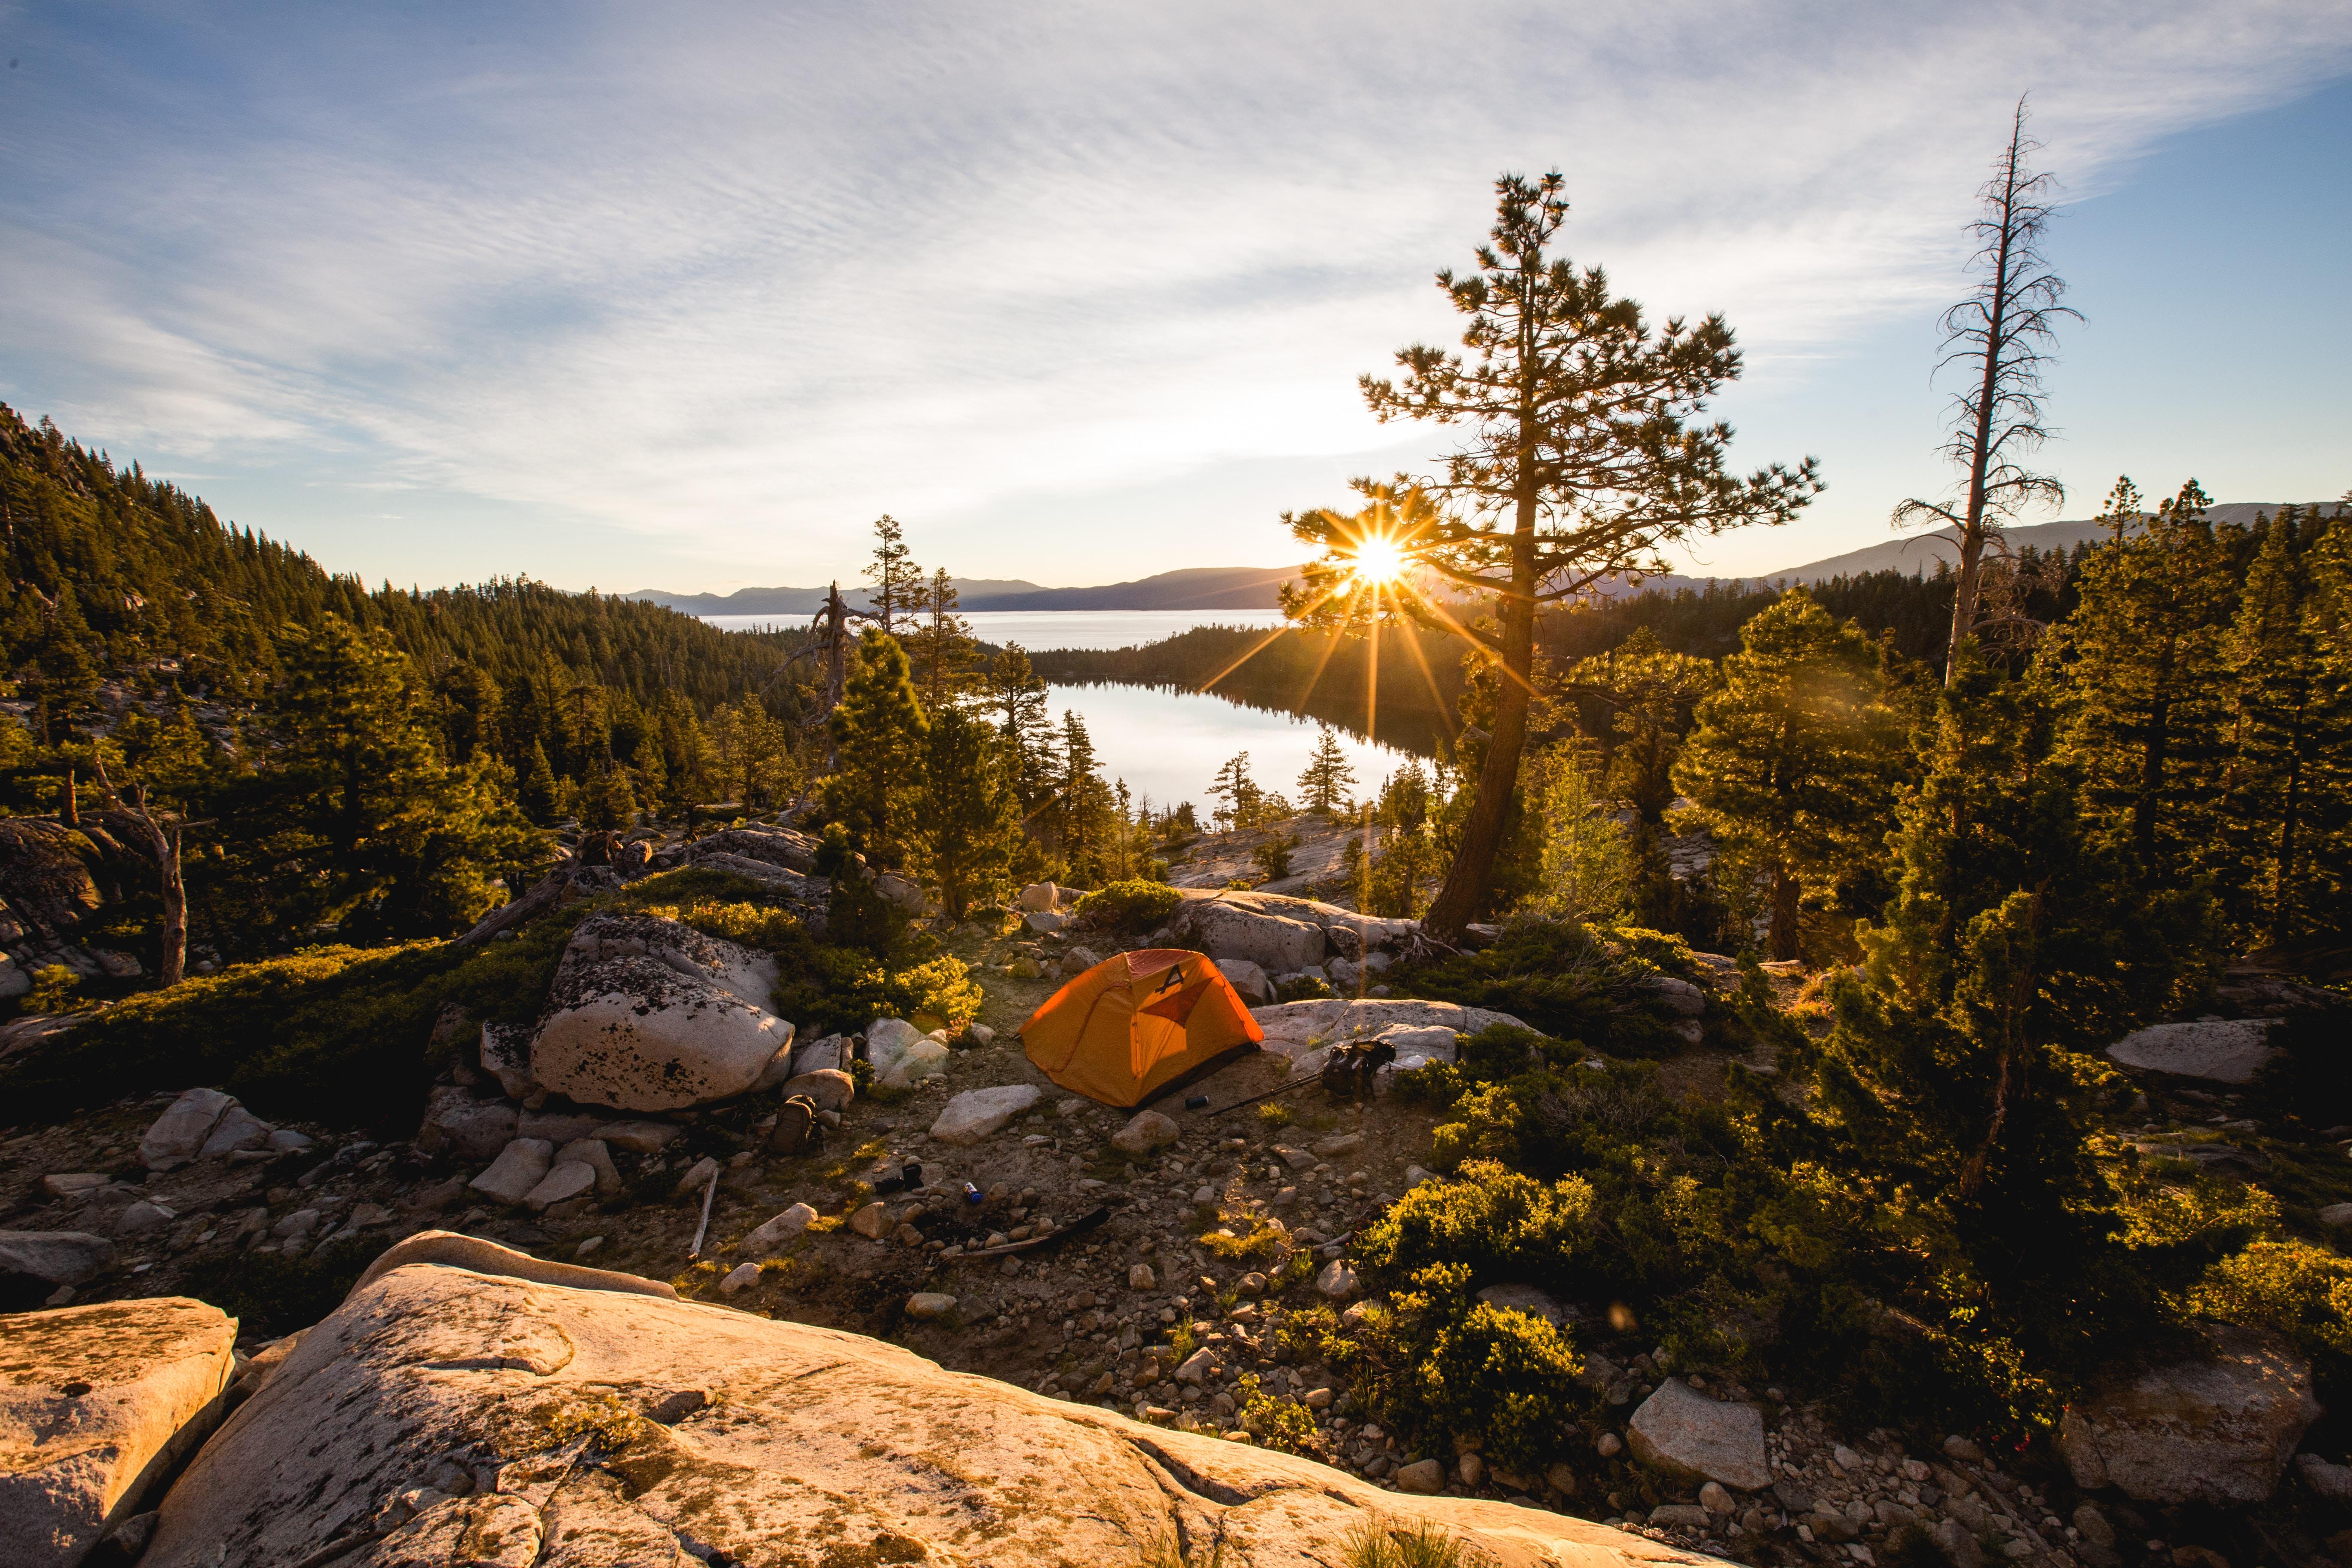 つくばねオートキャンプ場で自然を楽しもう!充実した周辺施設もご紹介!